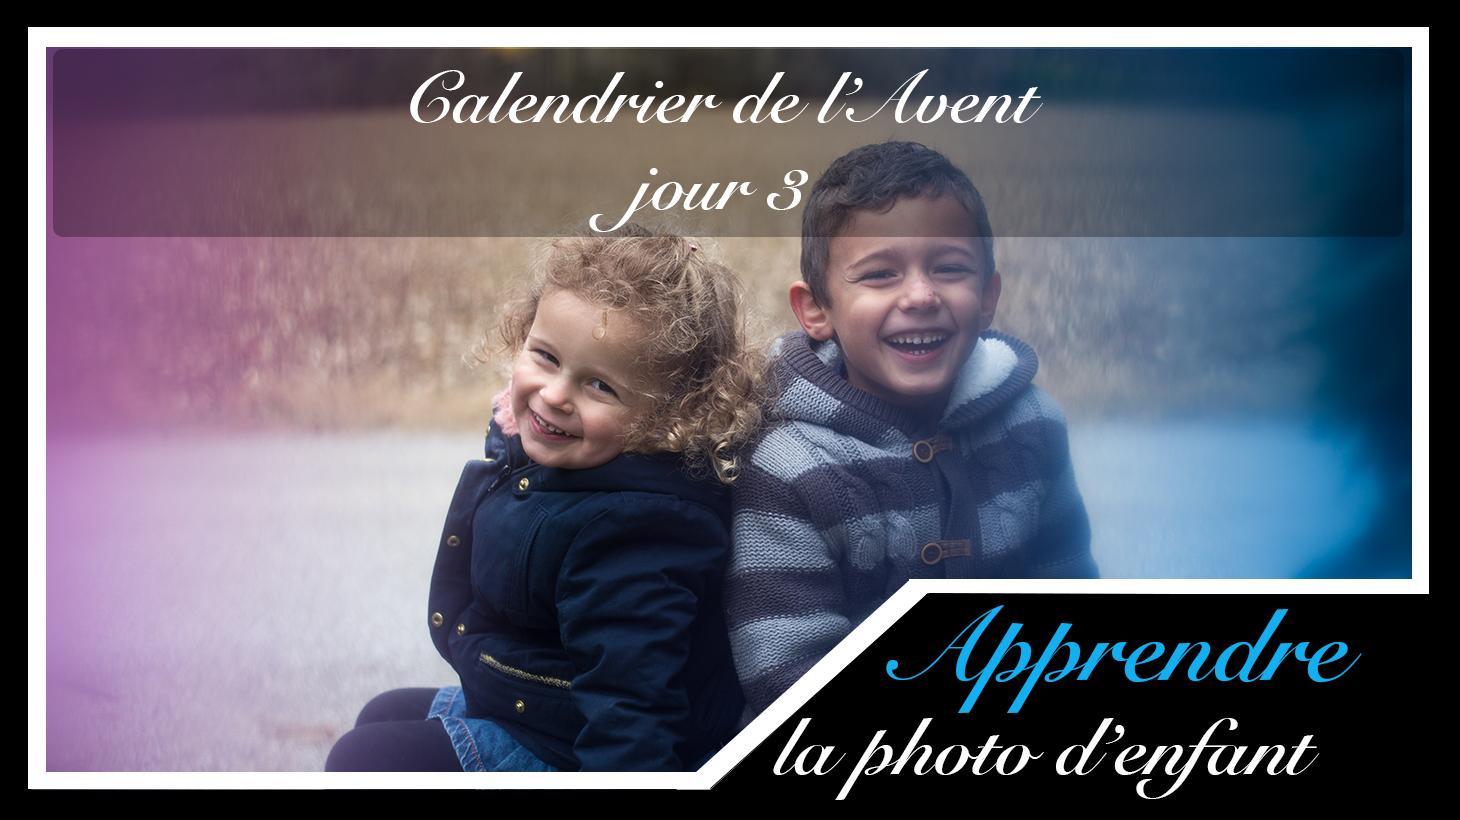 Jour 3 – Calendrier de l'Avent spécial Photo d'enfant